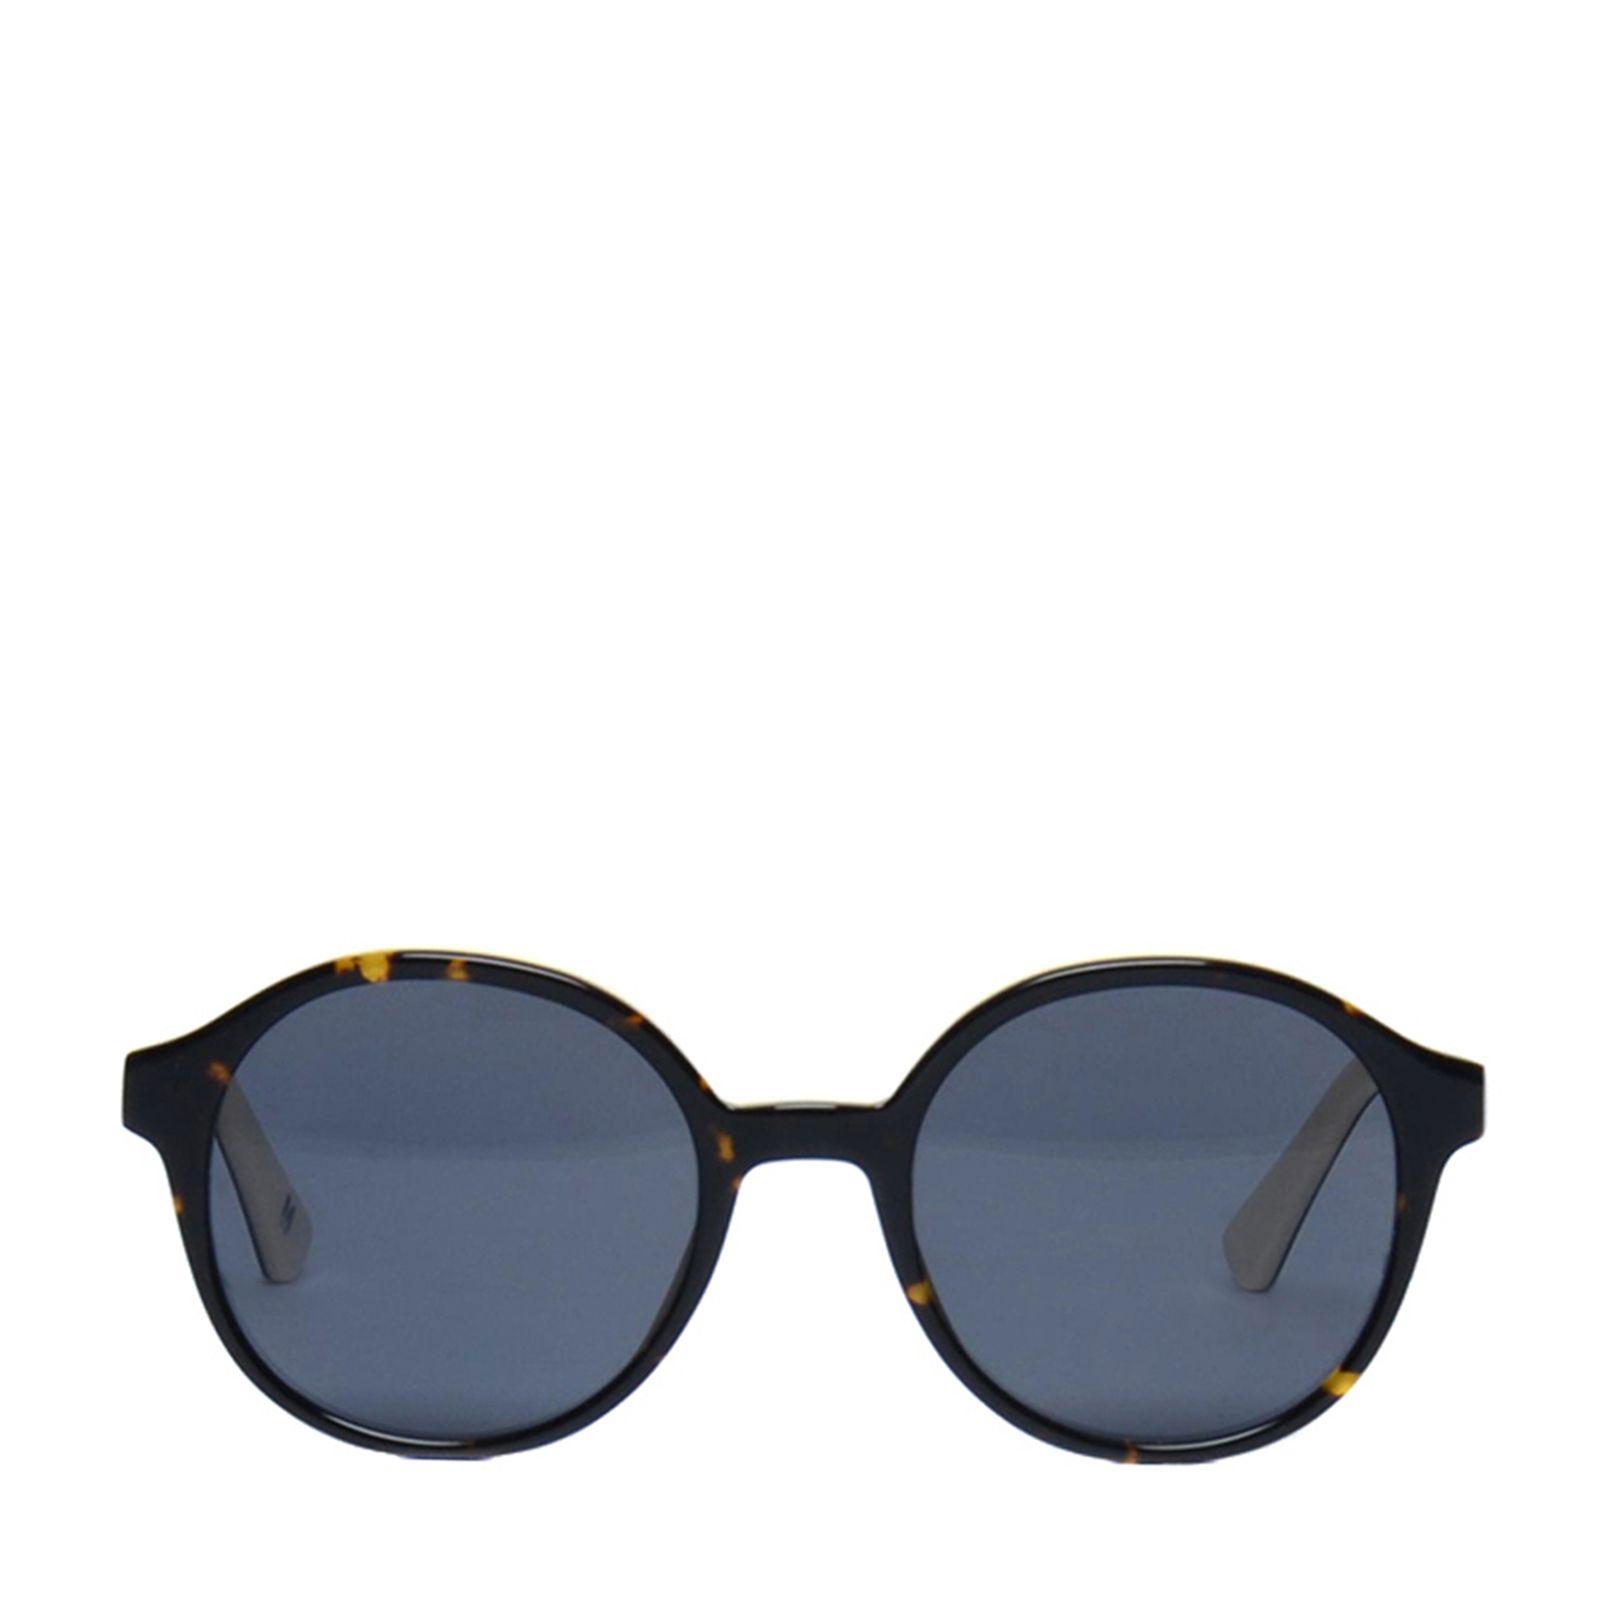 sonnenbrille mit runden gl sern blau. Black Bedroom Furniture Sets. Home Design Ideas